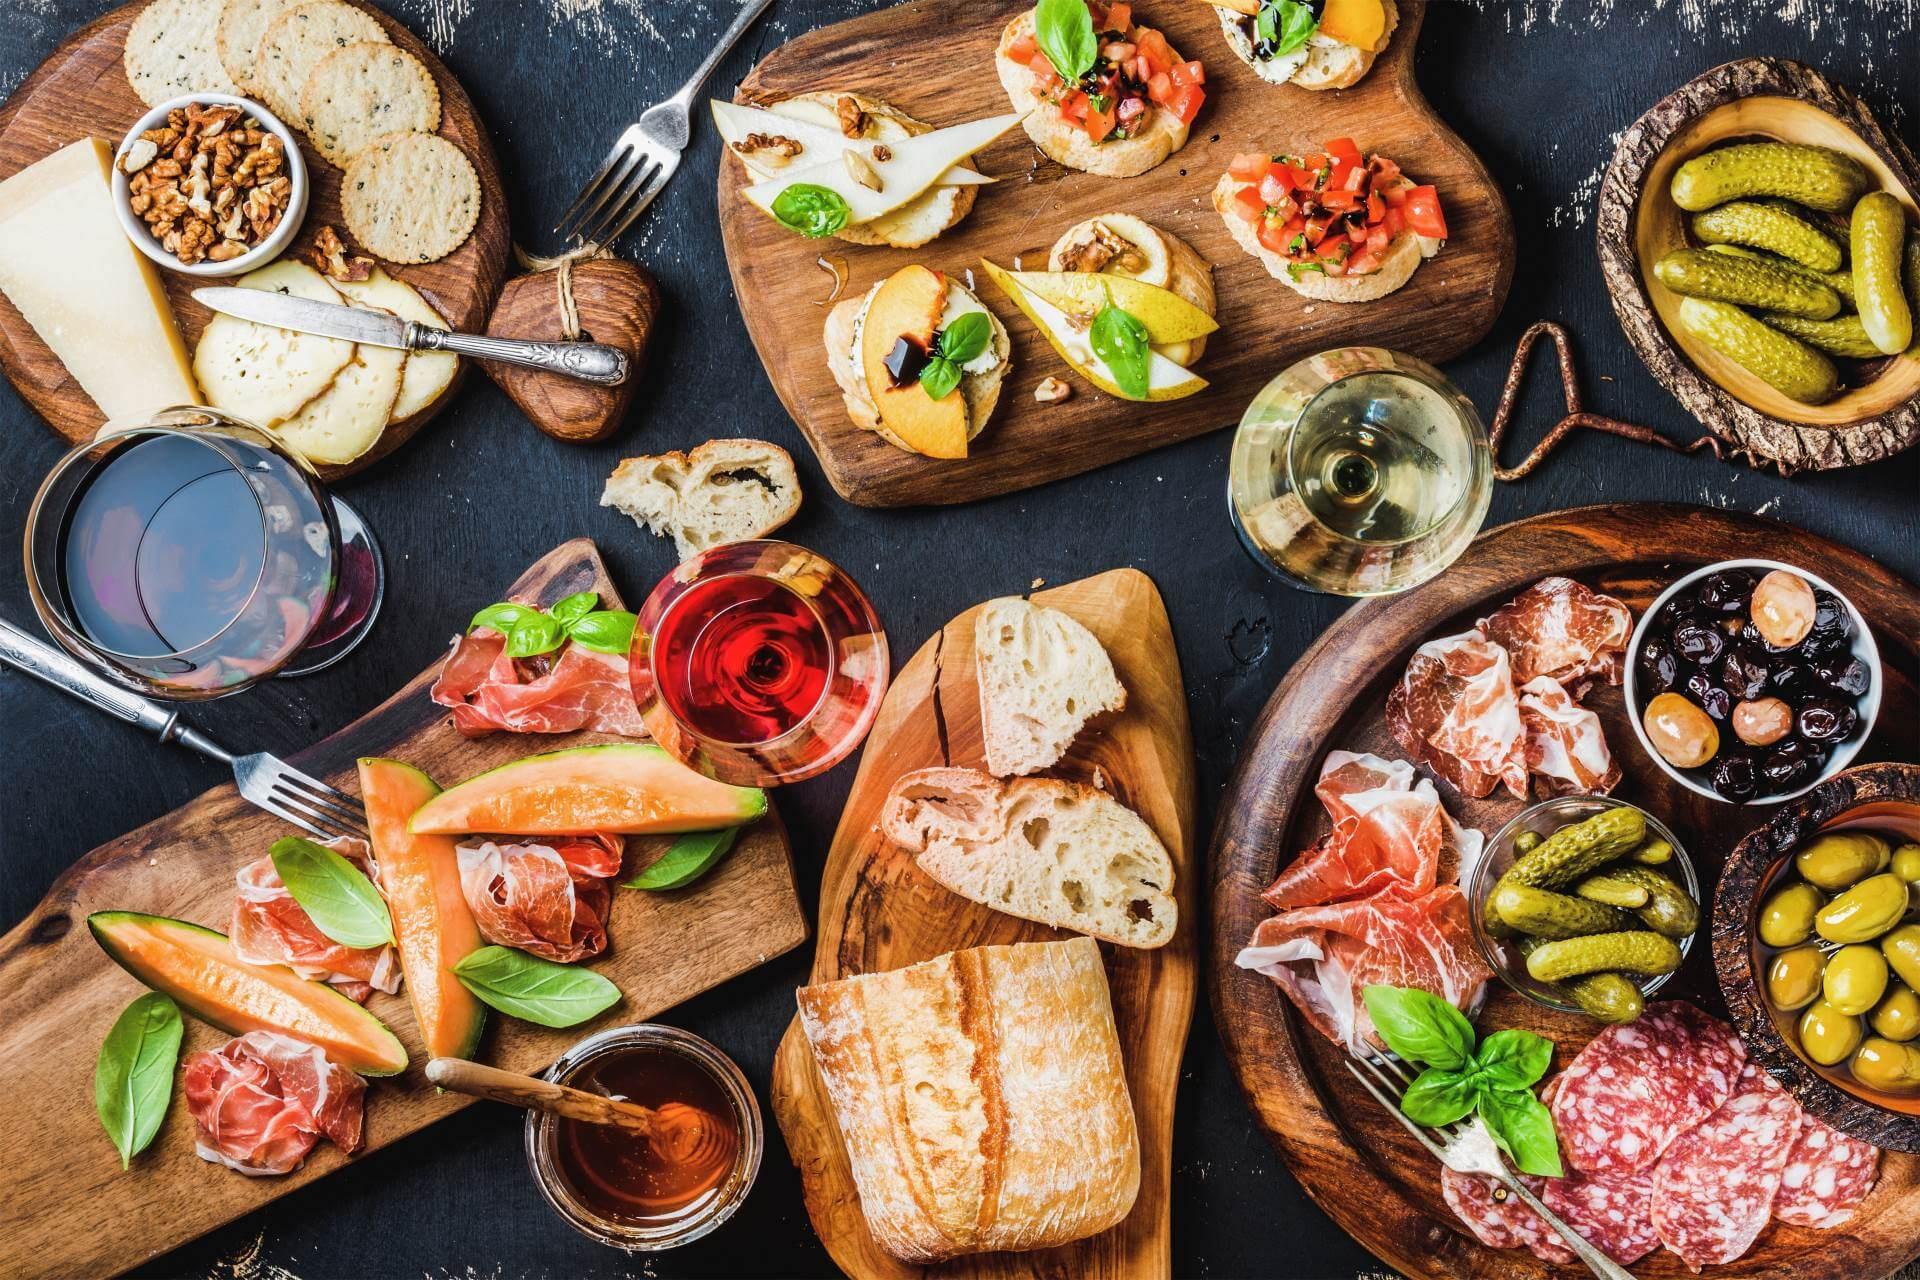 Italienische Gerichte auf einem Tisch